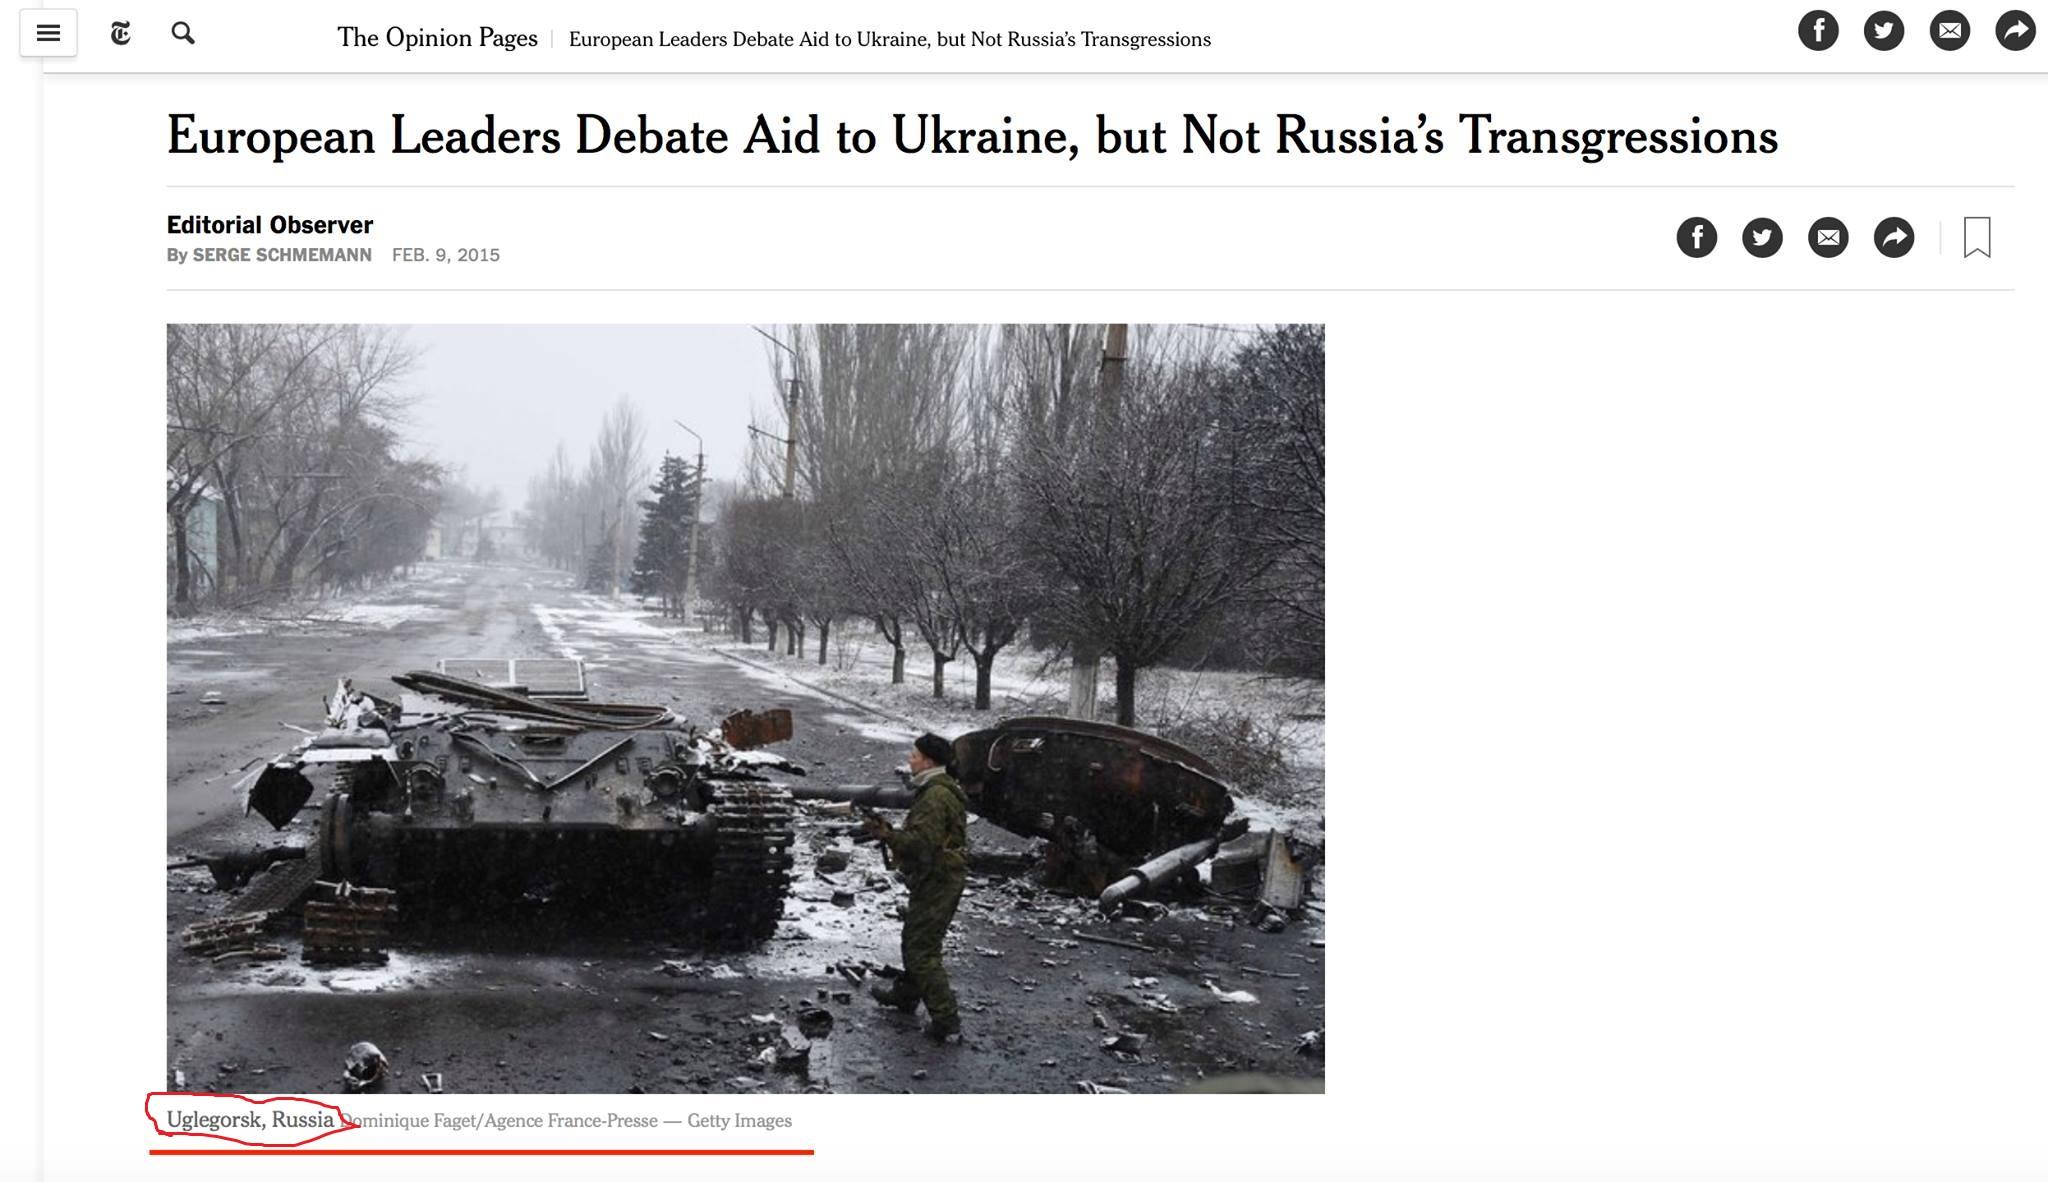 """""""Помилка має бути виправлена!"""" - українське посольство в США закликало The New York Times виправити опубліковану карту України без Криму - Цензор.НЕТ 6701"""